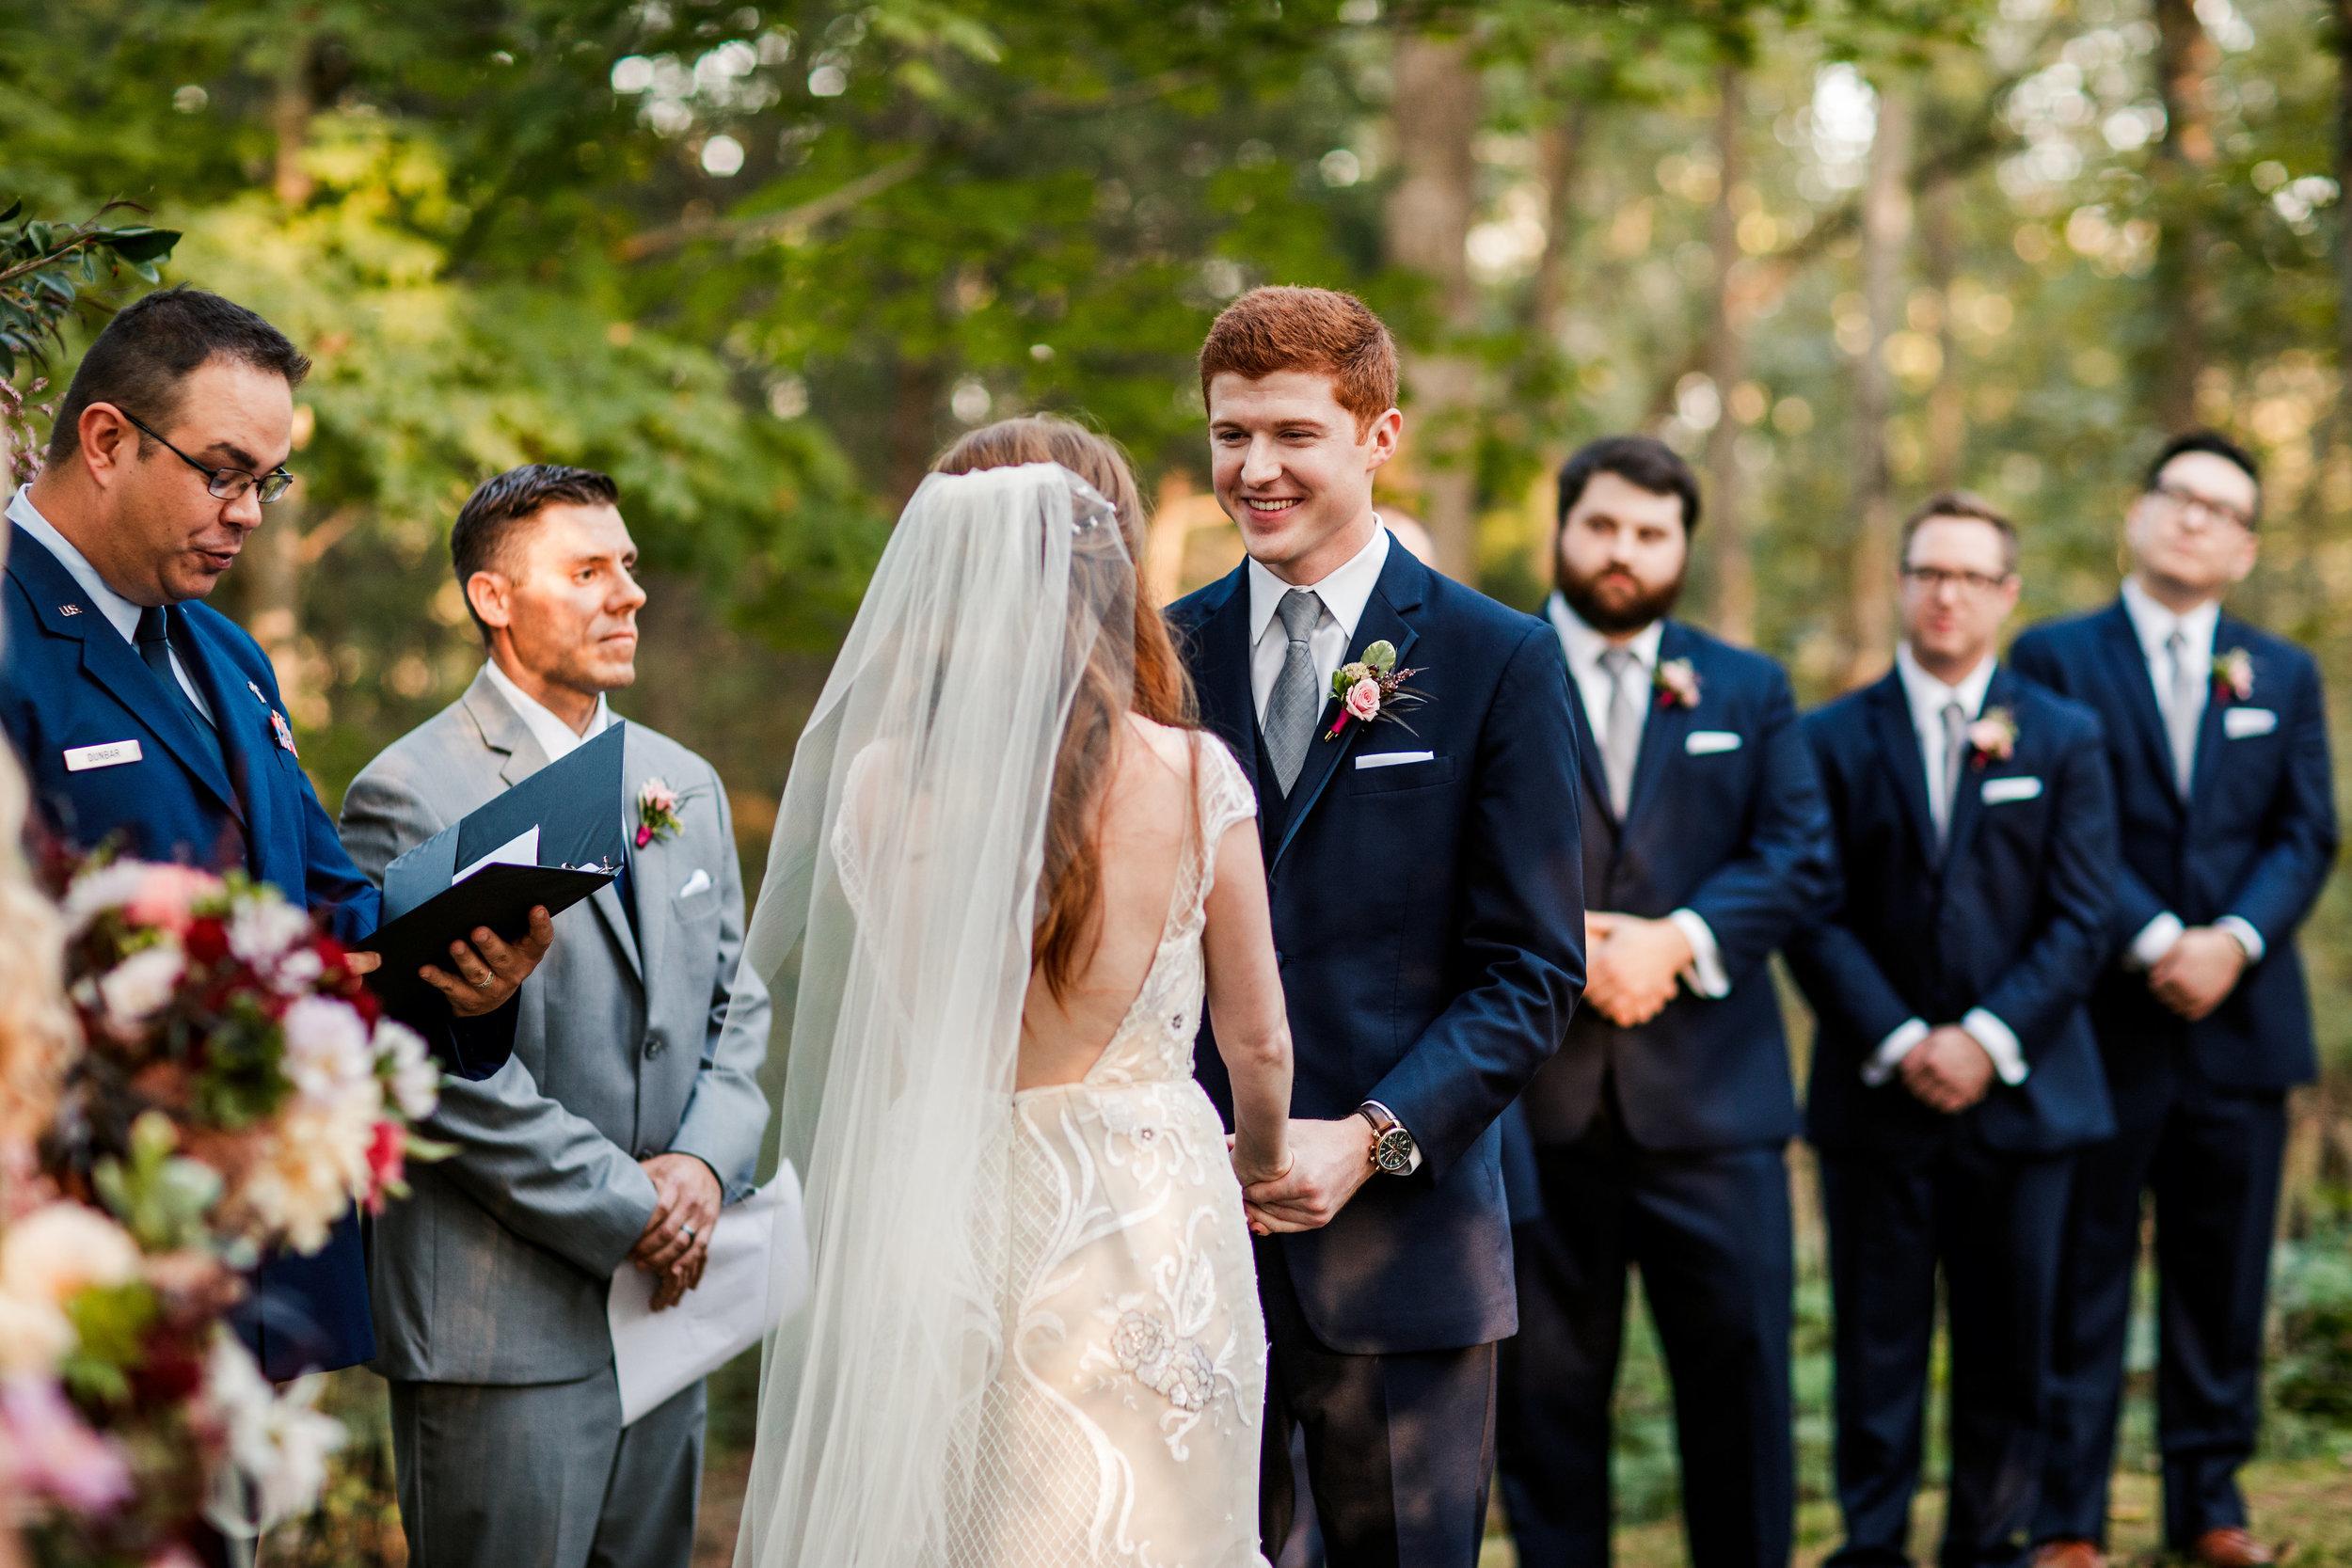 Wrens-Nest-Wedding-Murfreesboro-TN 34.jpg